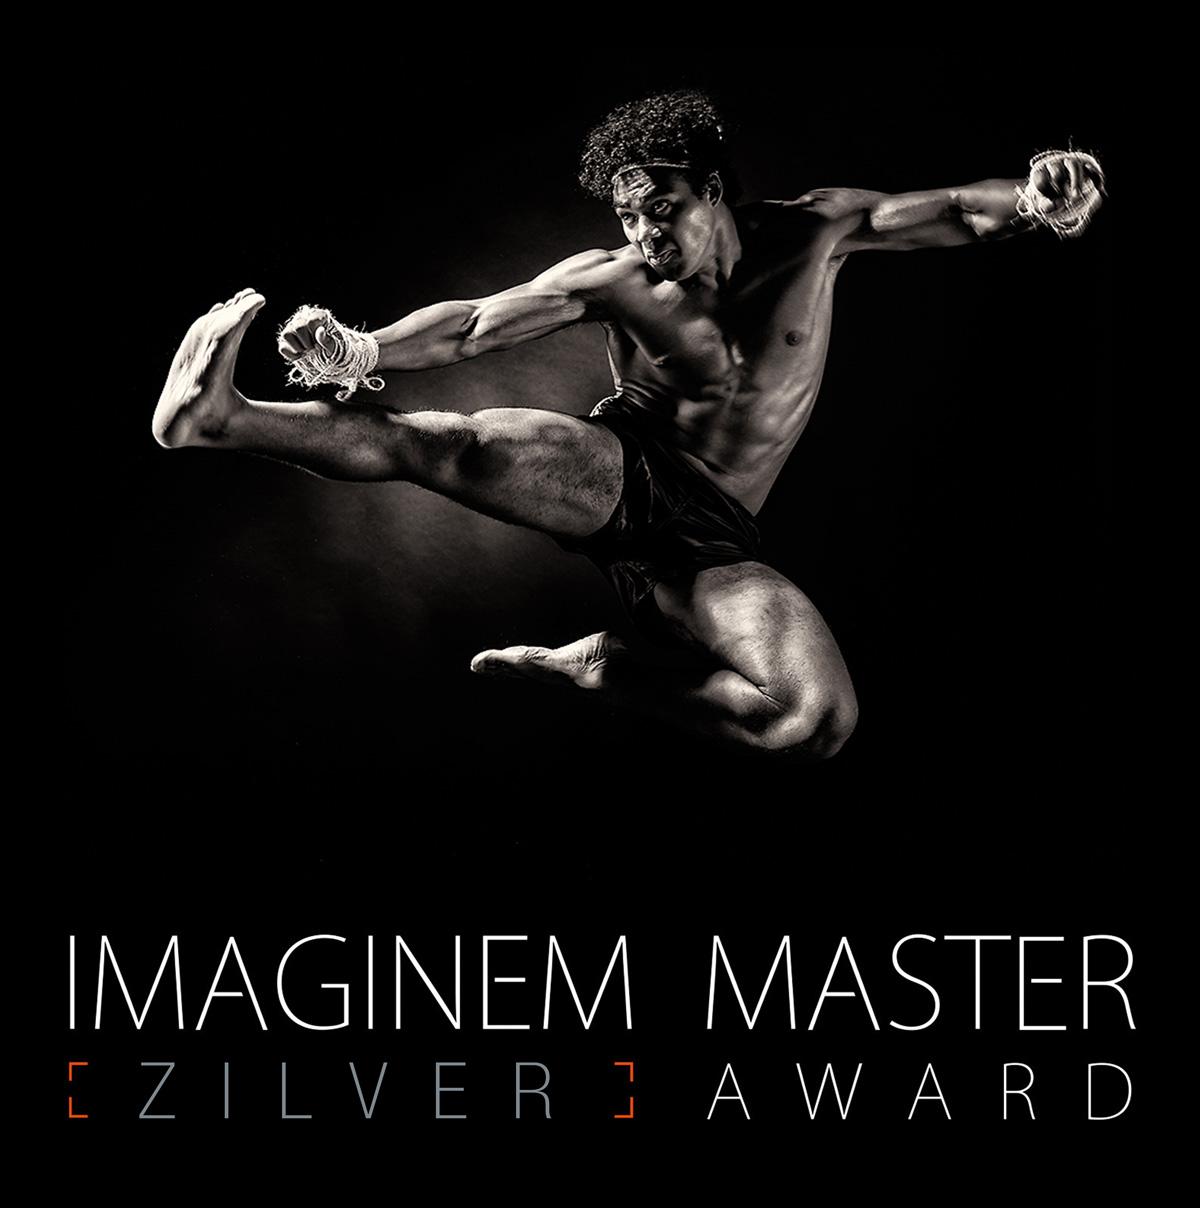 Imaginem_zomer2015_zilver